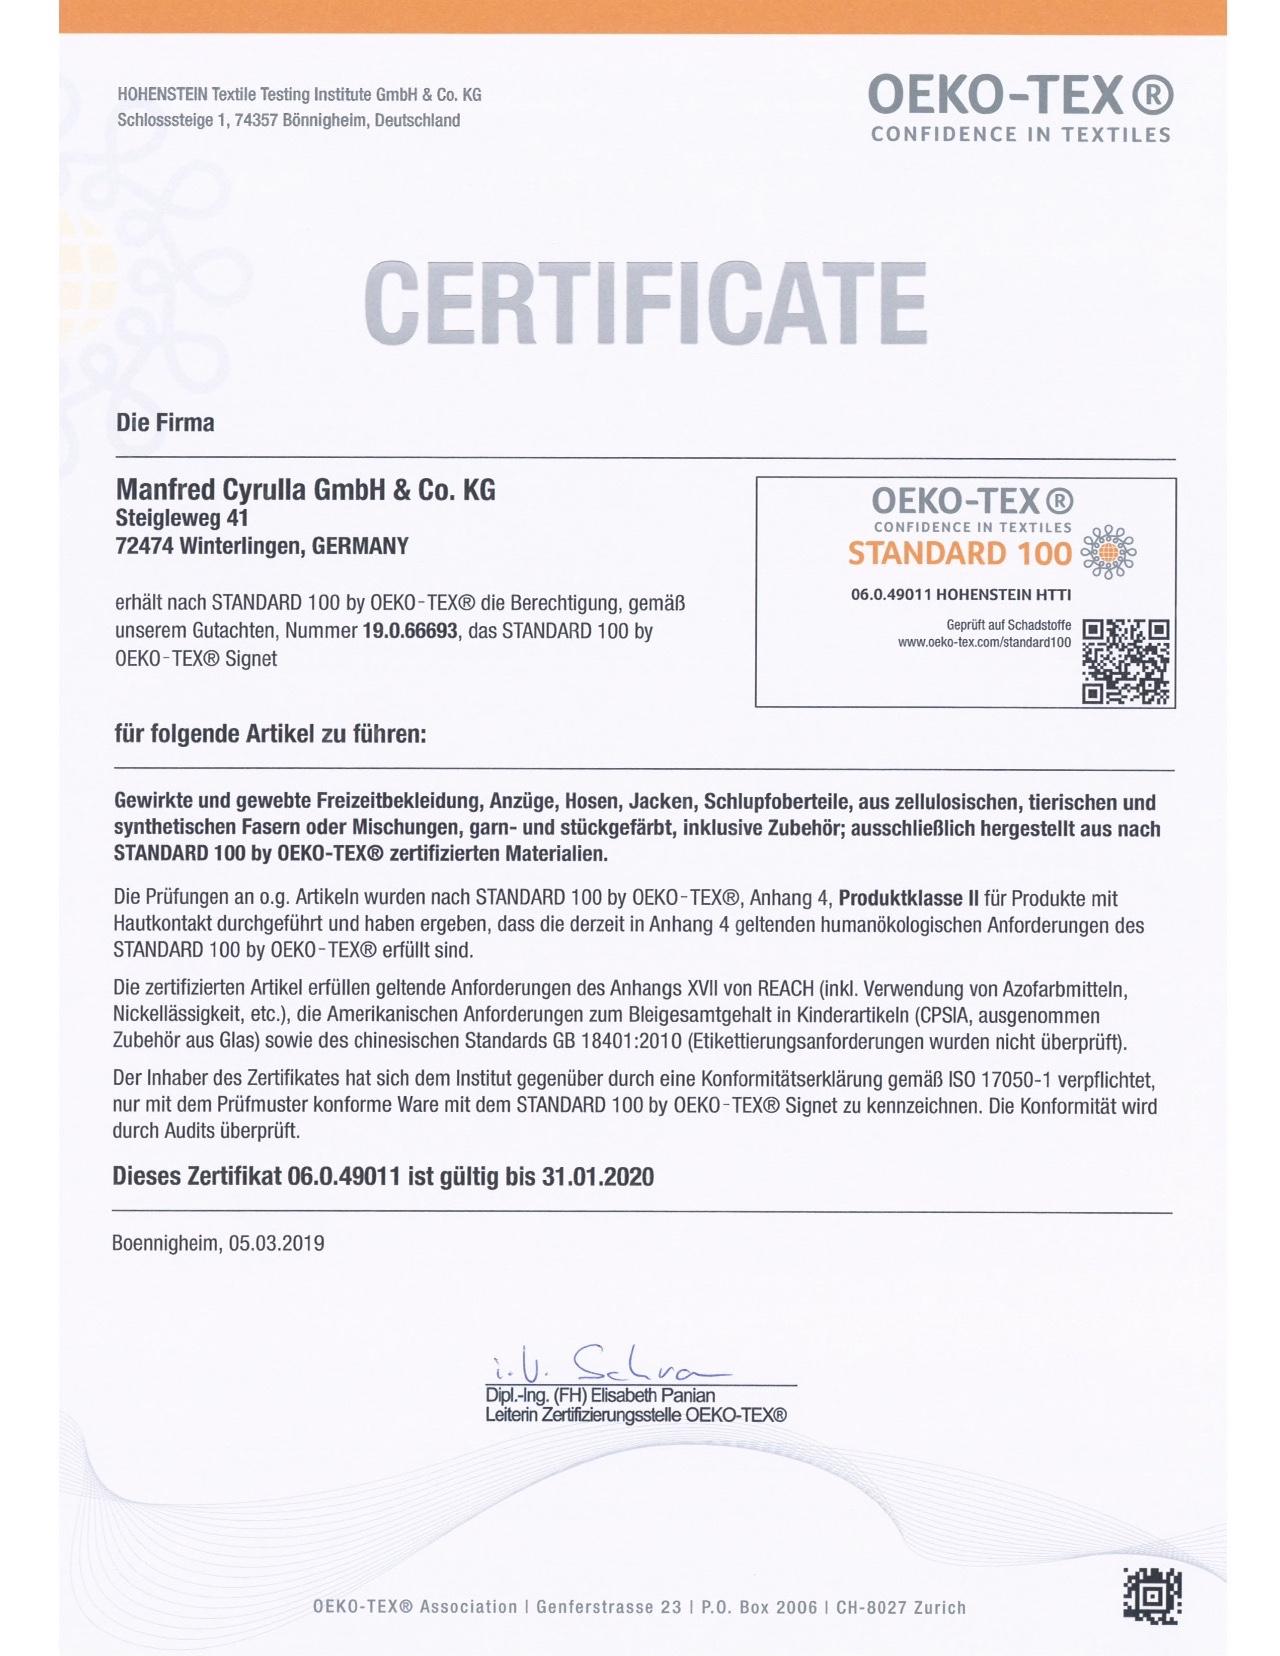 Mehr erfahren über Öko-Tex Standard 100